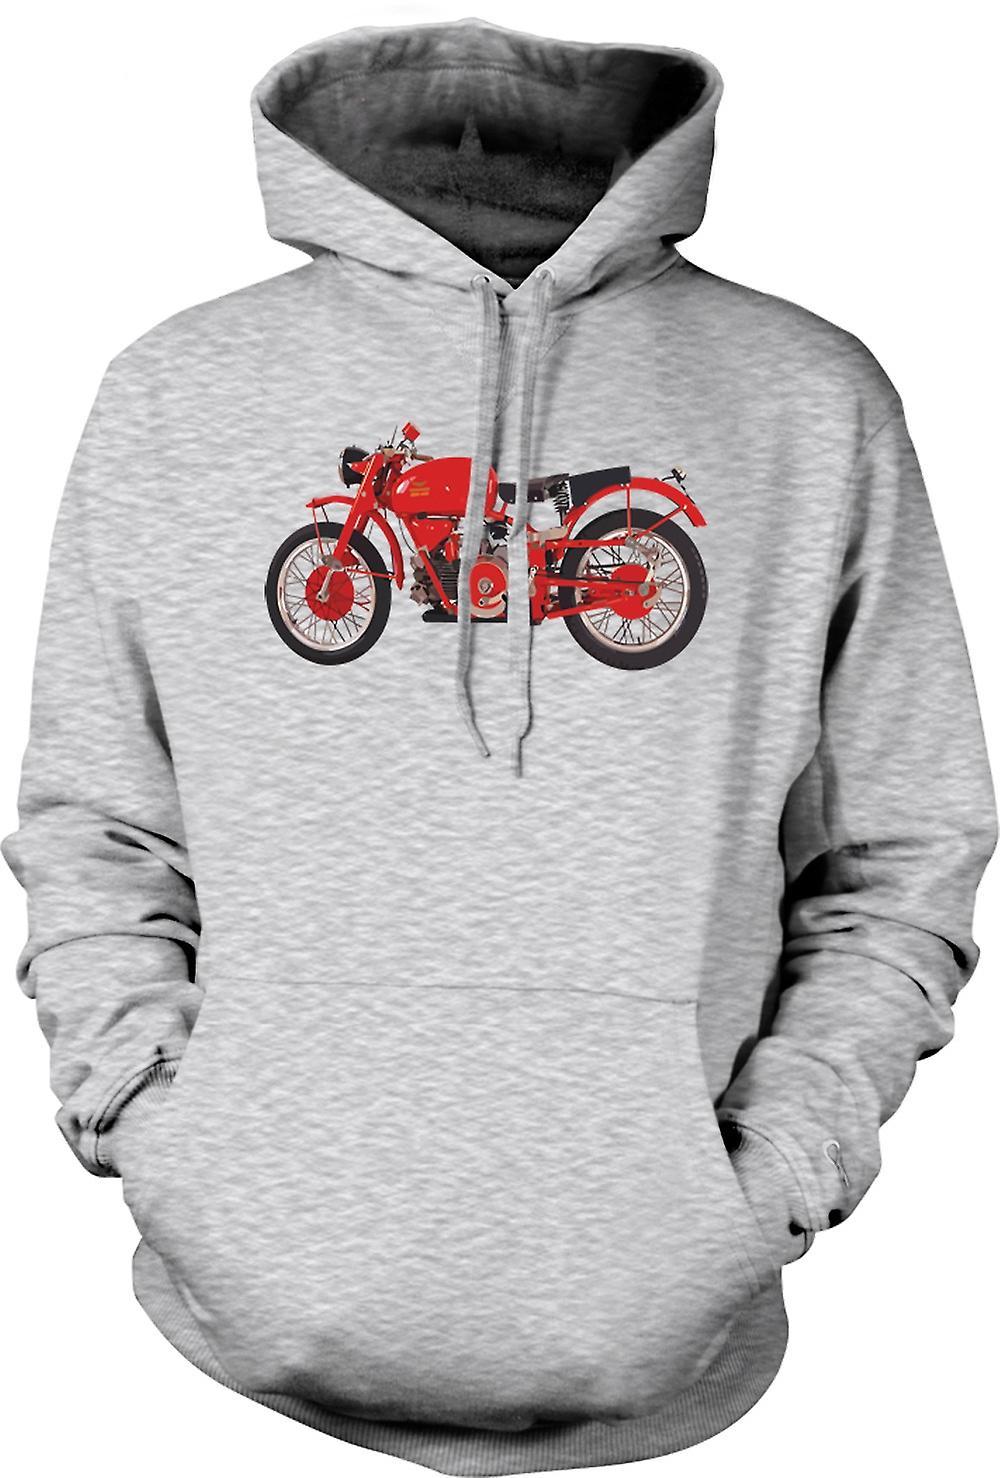 Mens Hoodie - Moto Guzzi-Col de Tarente 56 - vélo